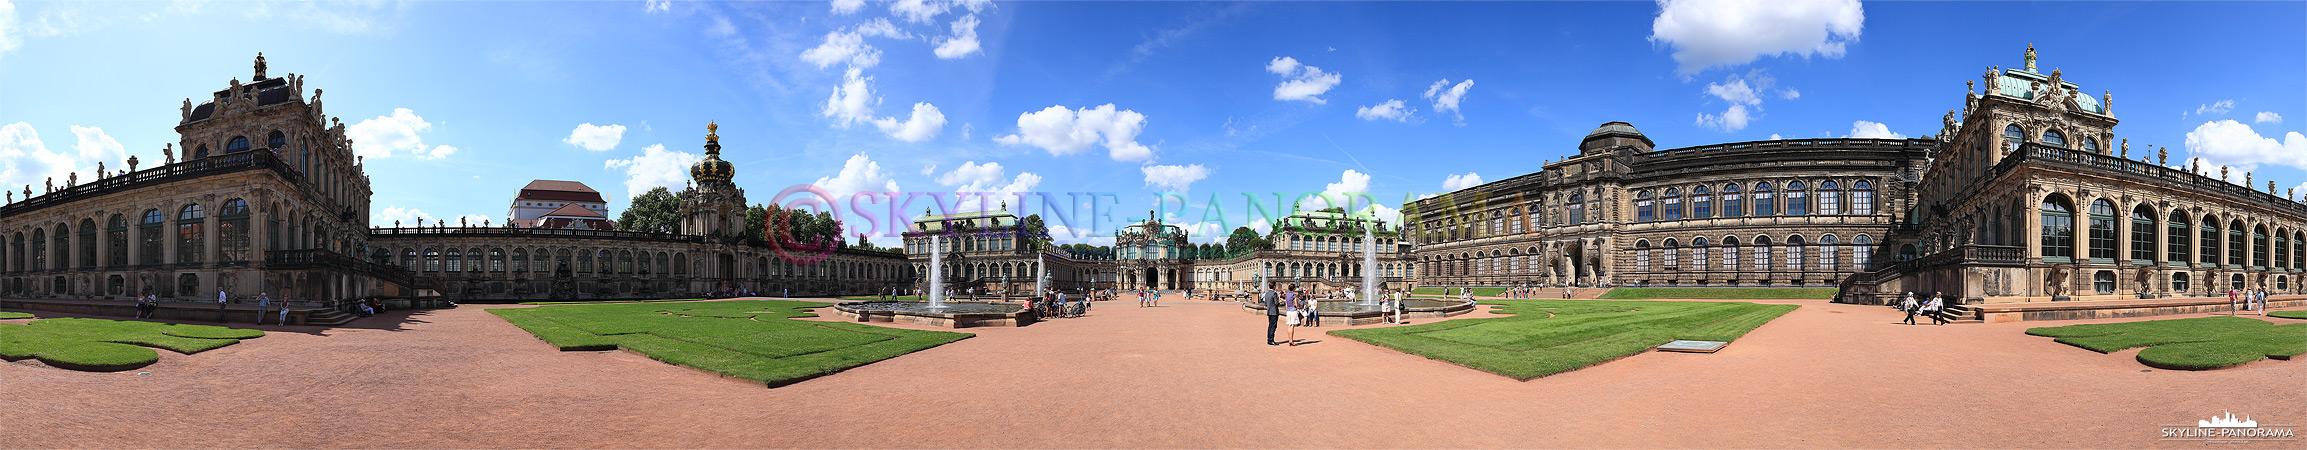 Eines der bekanntesten Sehenswürdigkeiten von Dresden ist der Zwinger, dieses Panorama zeigt die Ansicht vom Innenhof aus mit dem Wallpavillon in Zentrum.